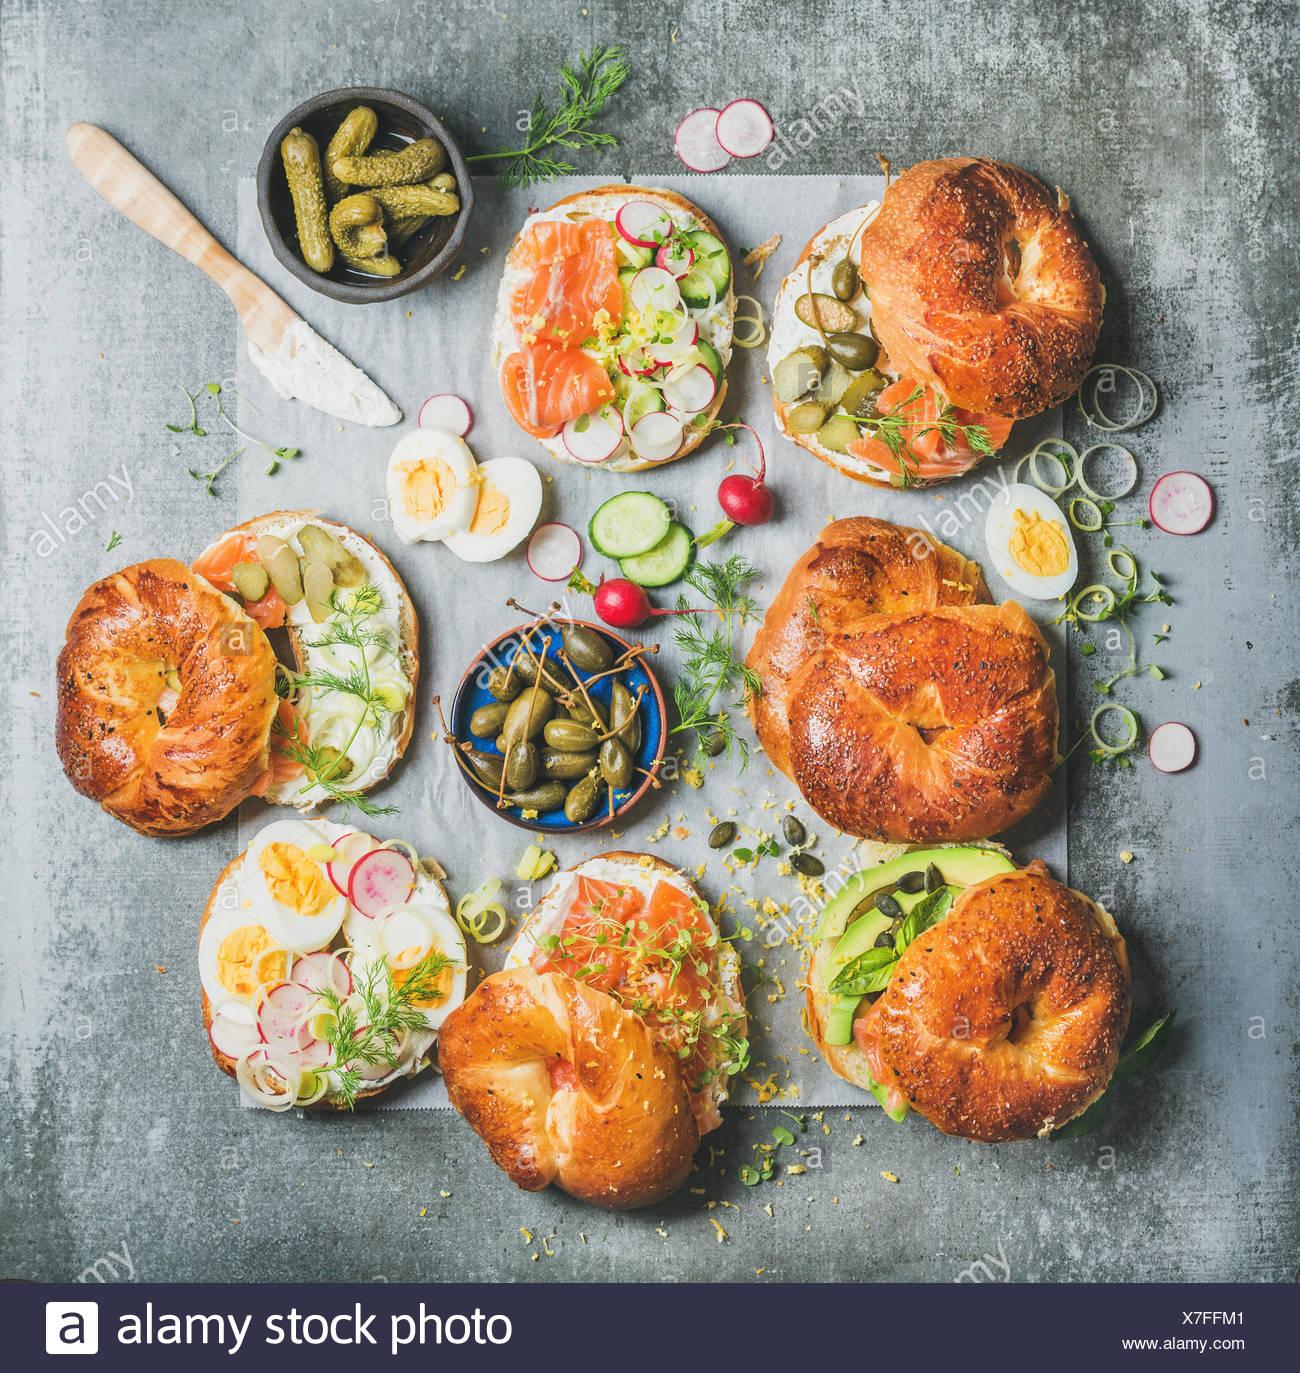 Varietà di bagel con salmone affumicato, uova, Rafano, avocado, cetriolo, verdi e crema di formaggio per colazione, pranzo sano o parte sul cemento grigio Immagini Stock